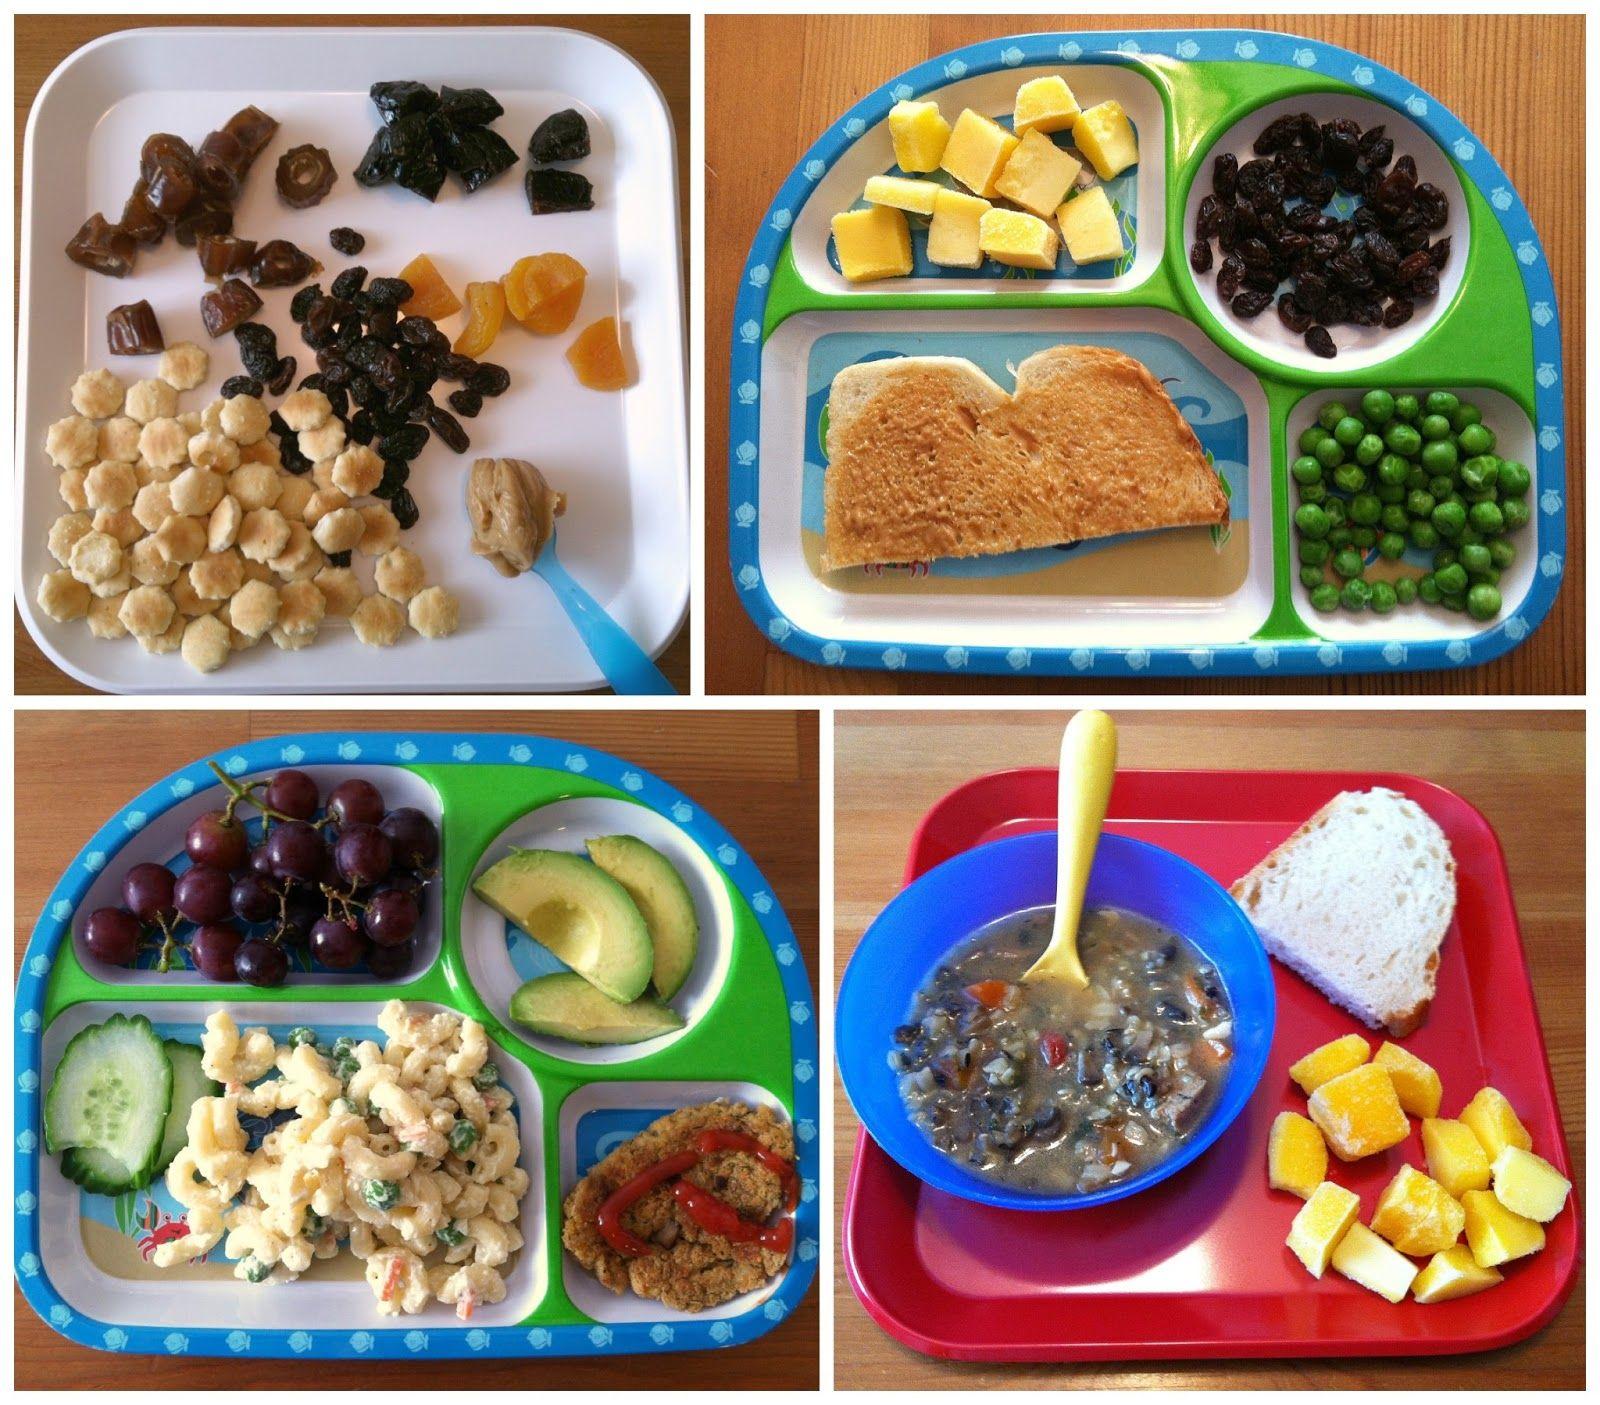 Vegan mother hubbard vegan toddler meals 15 workout vegan mother hubbard vegan toddler meals 15 forumfinder Choice Image